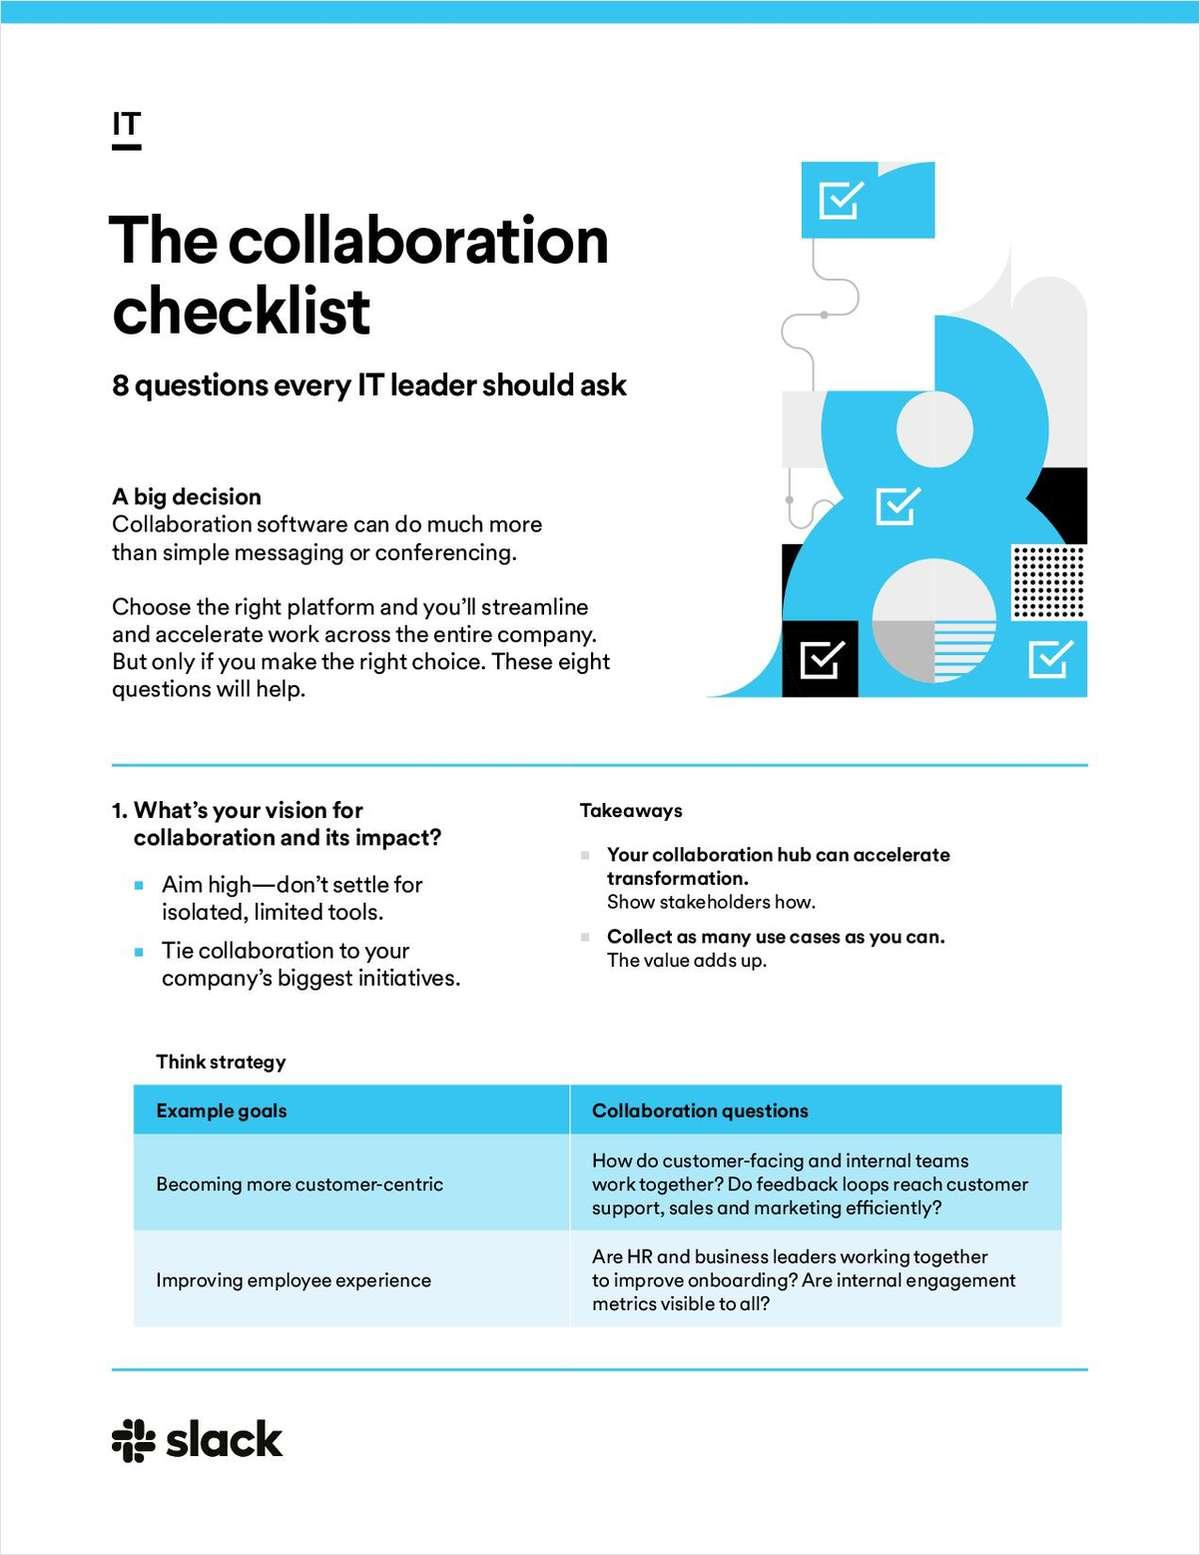 The collaboration checklist